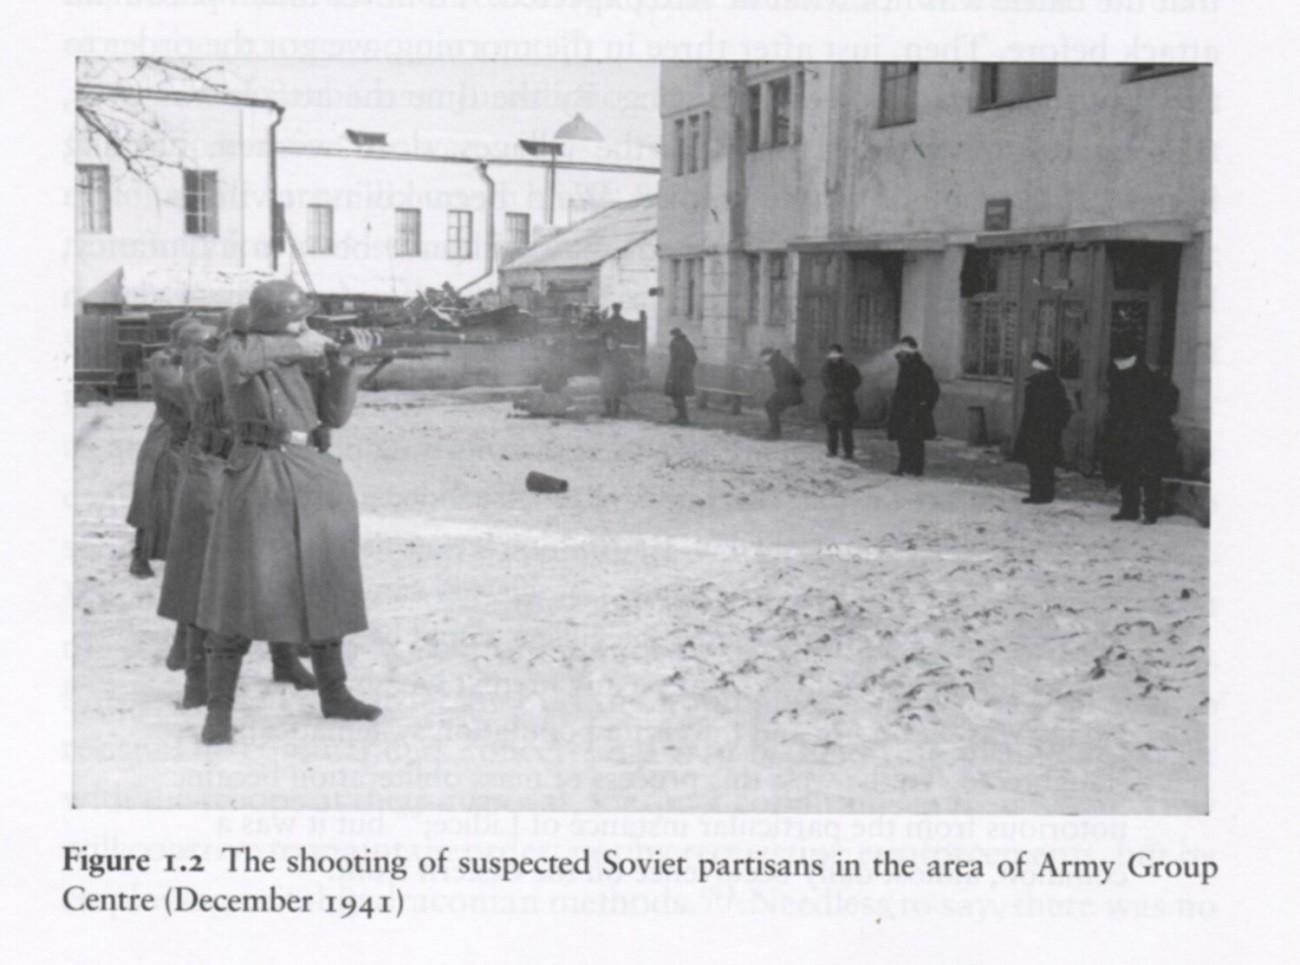 Немачки окупатори стрељају партизане.